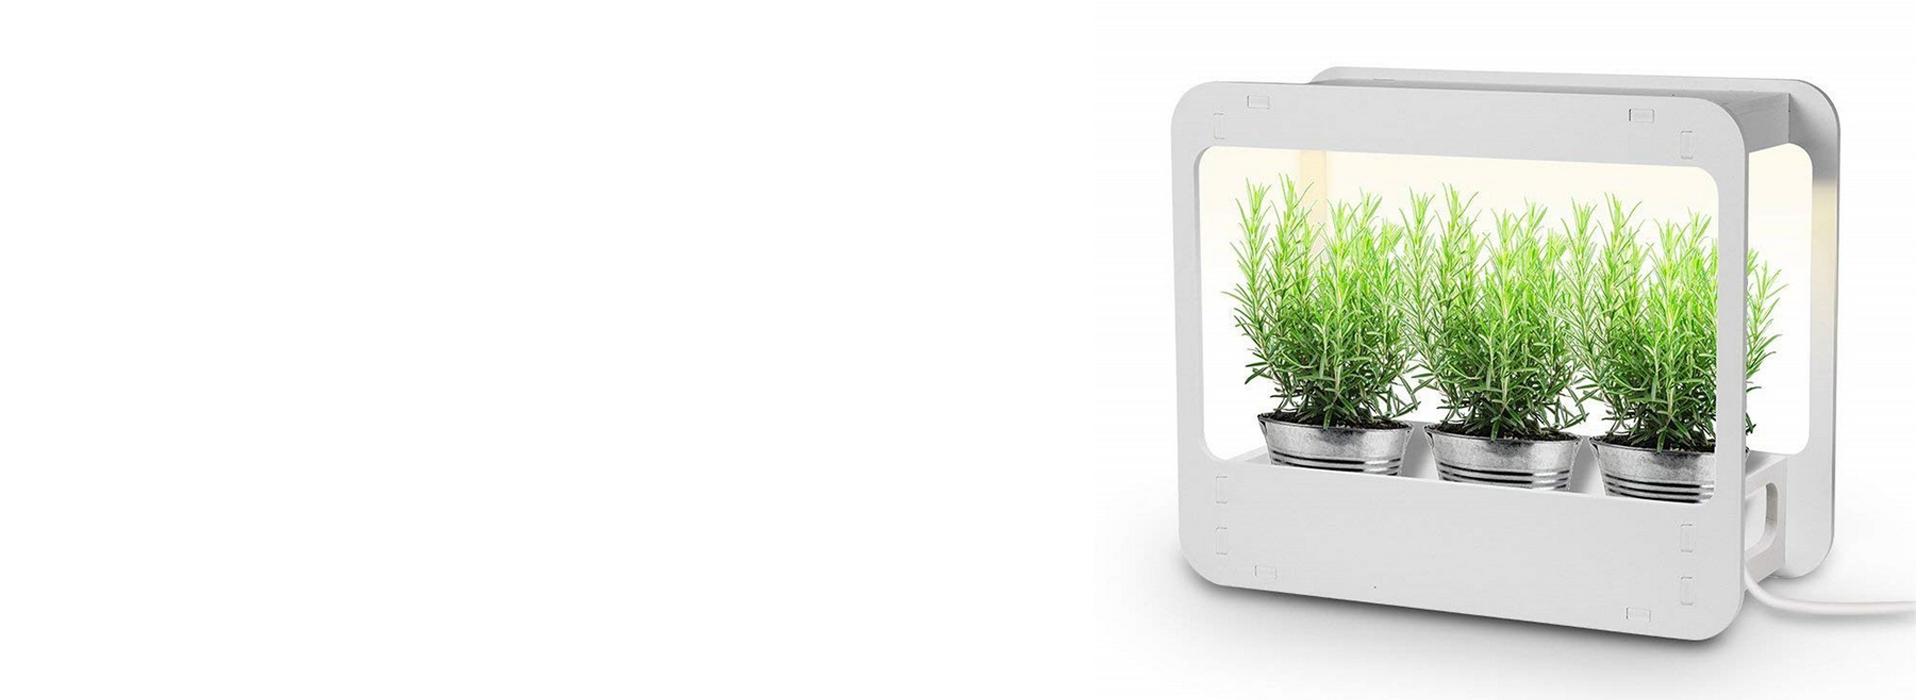 LED Mini Garden